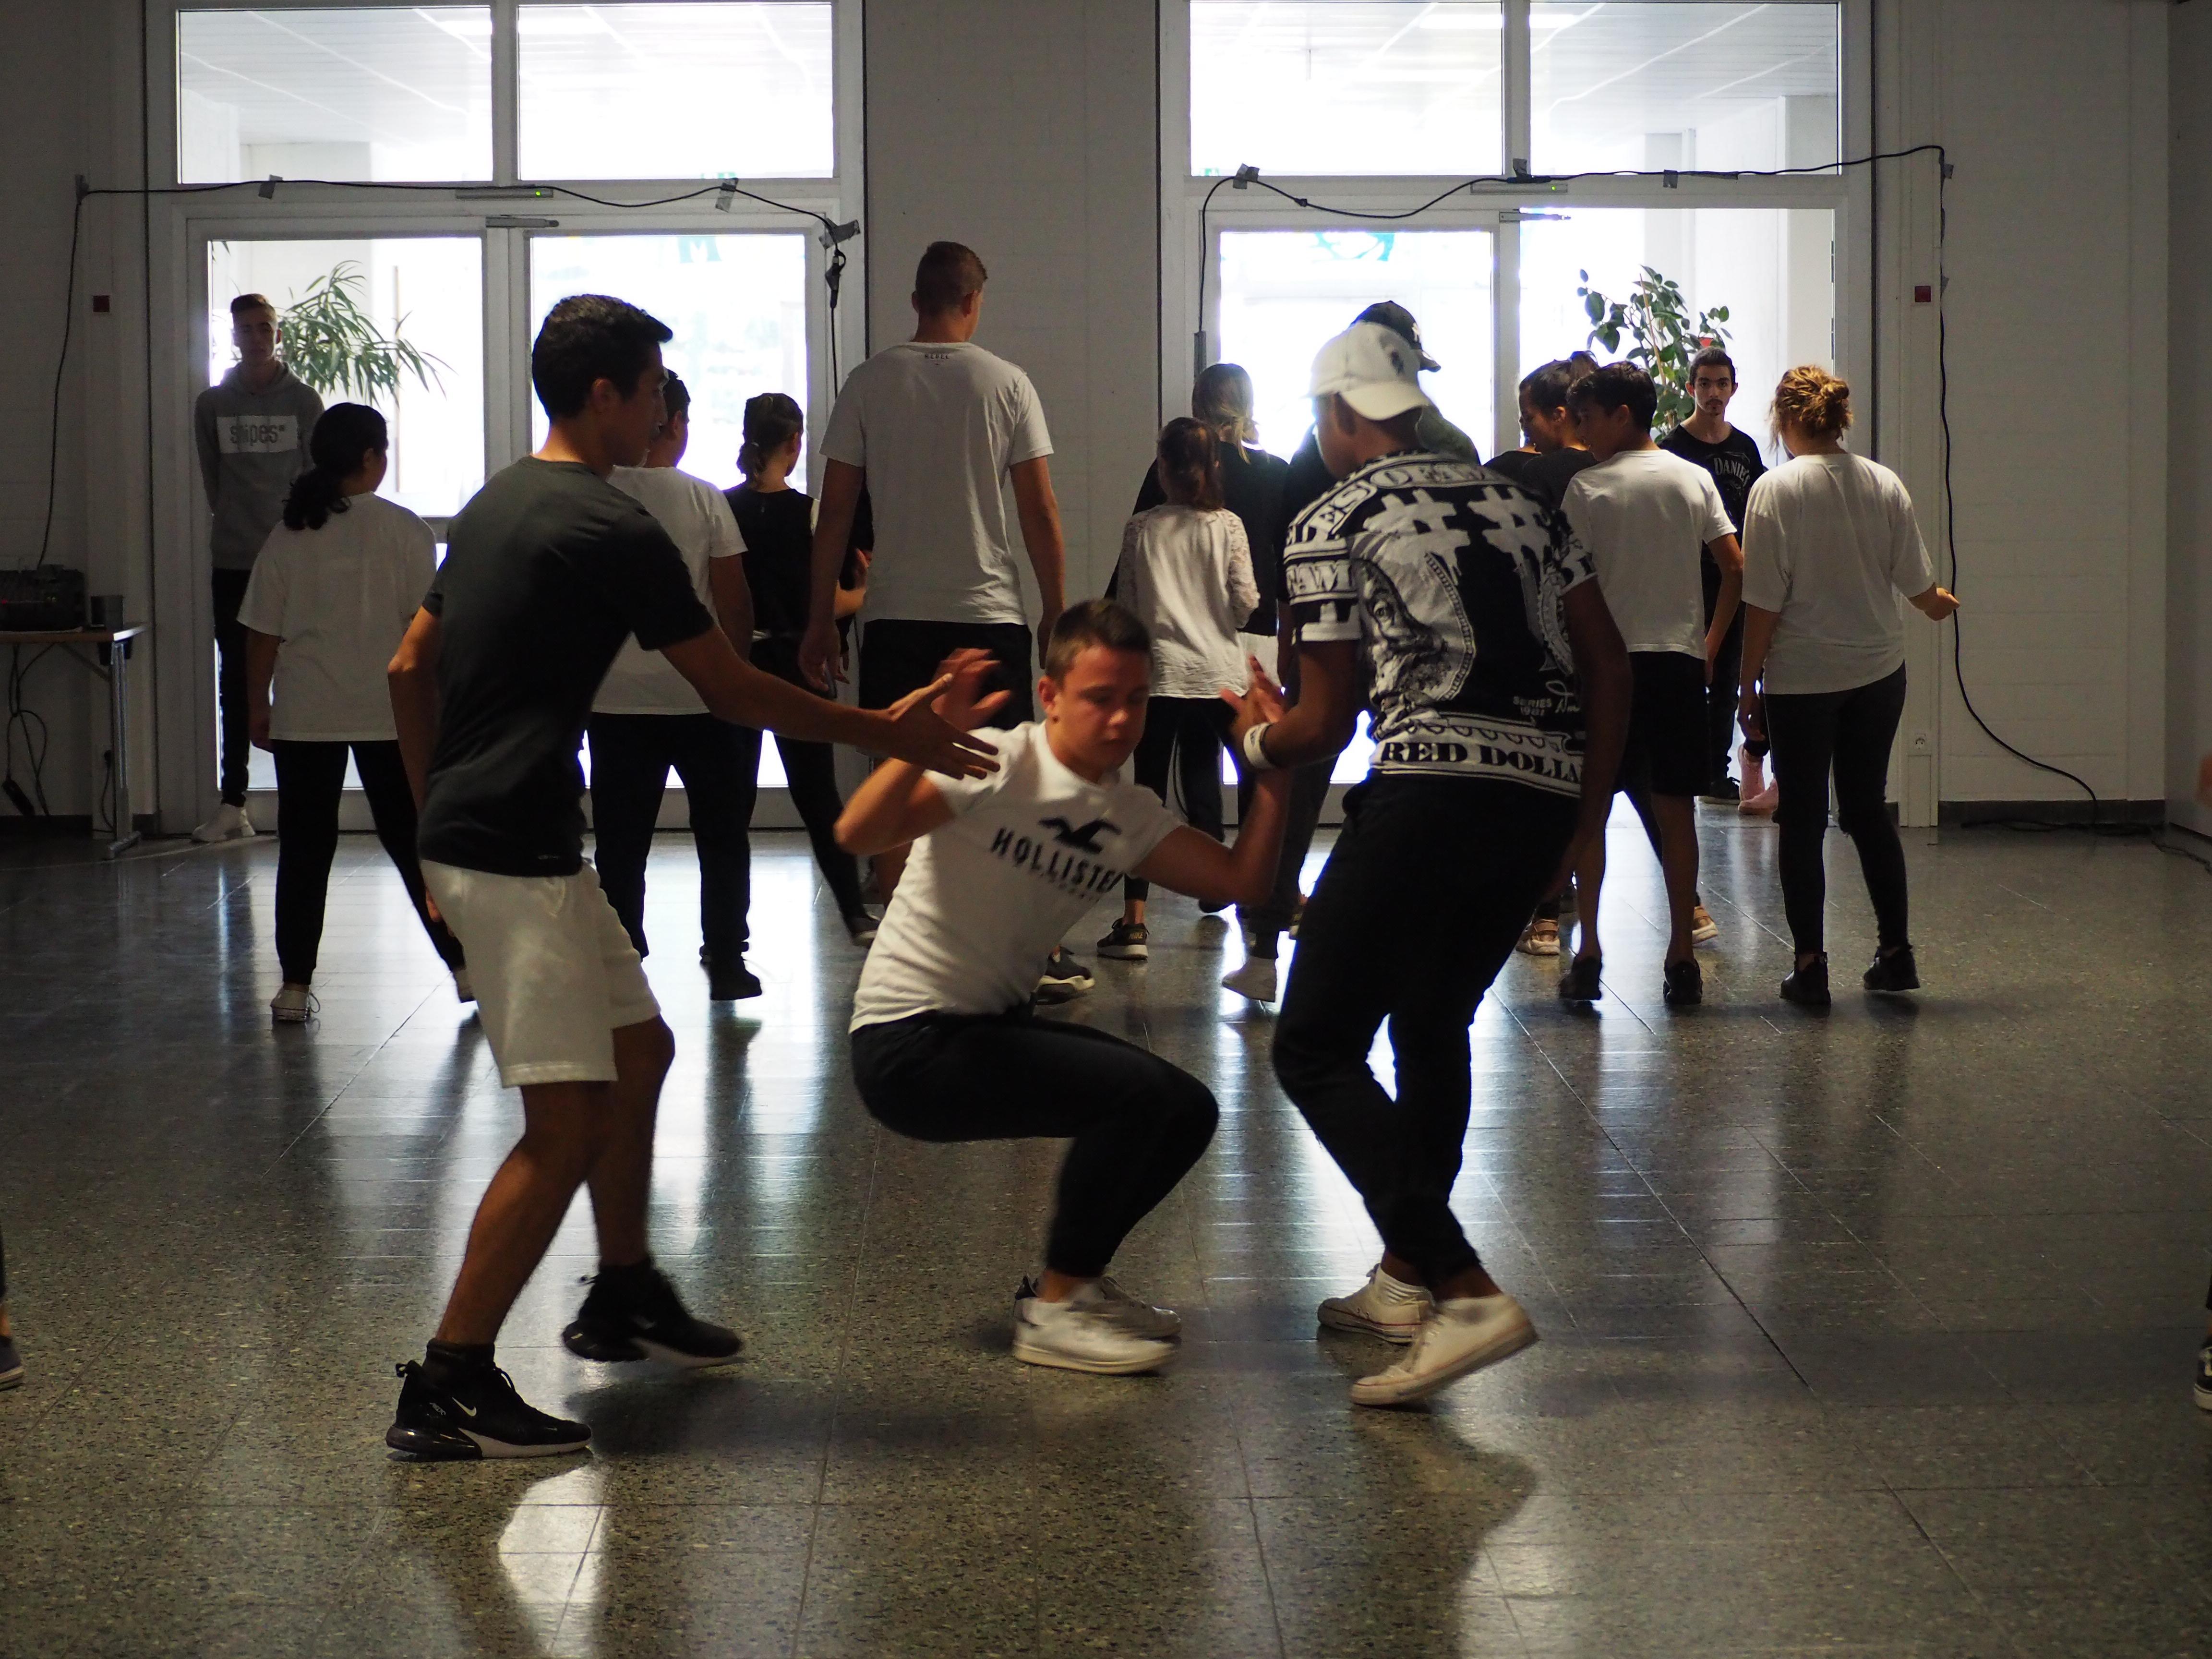 Tanzeinlage einer Schülergruppe